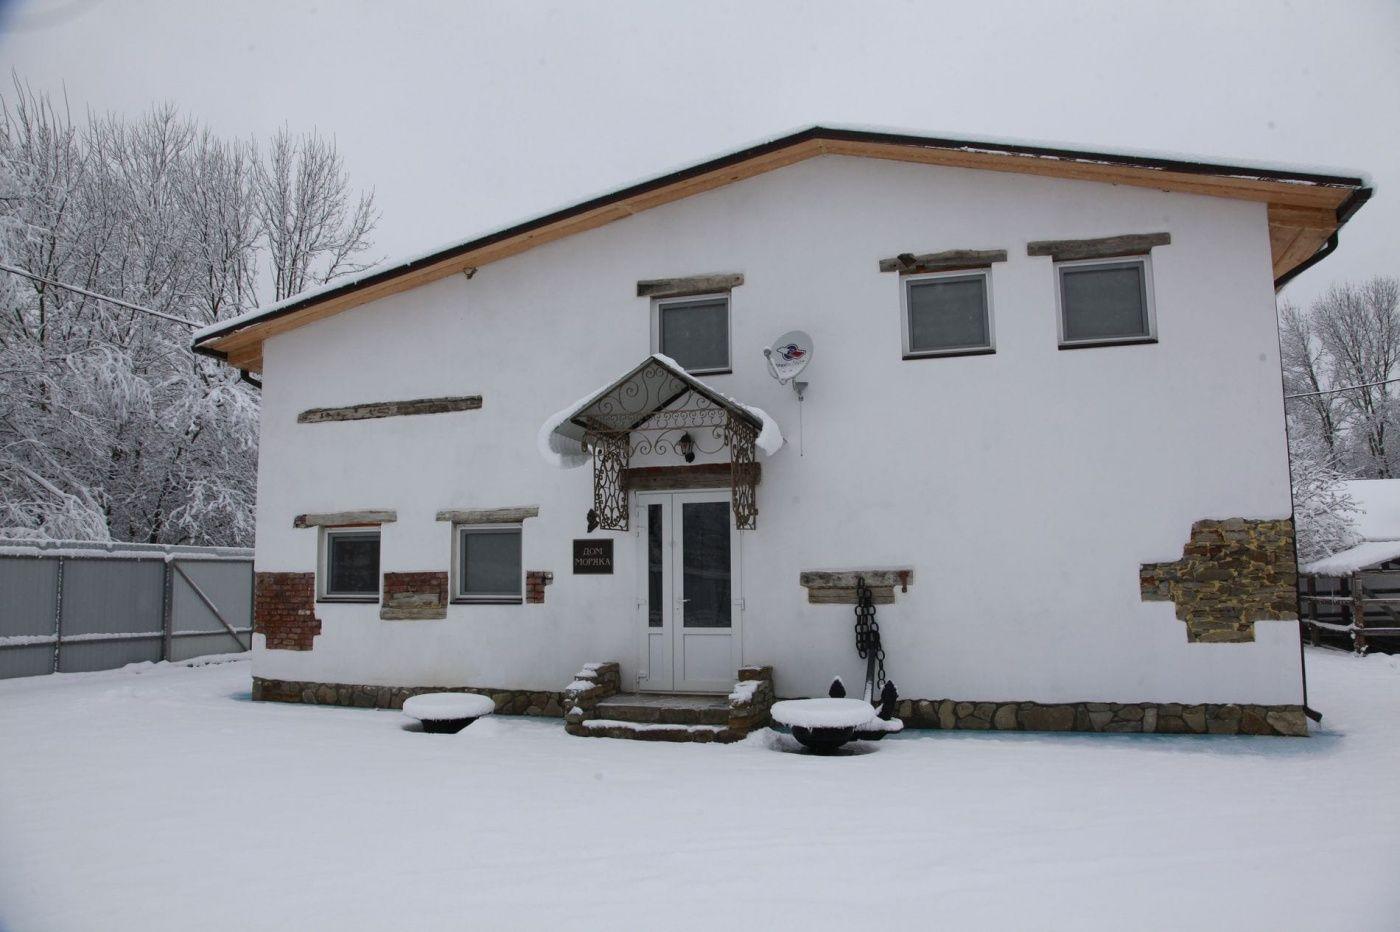 Загородный клуб «Шабановка» Краснодарский край, фото 19